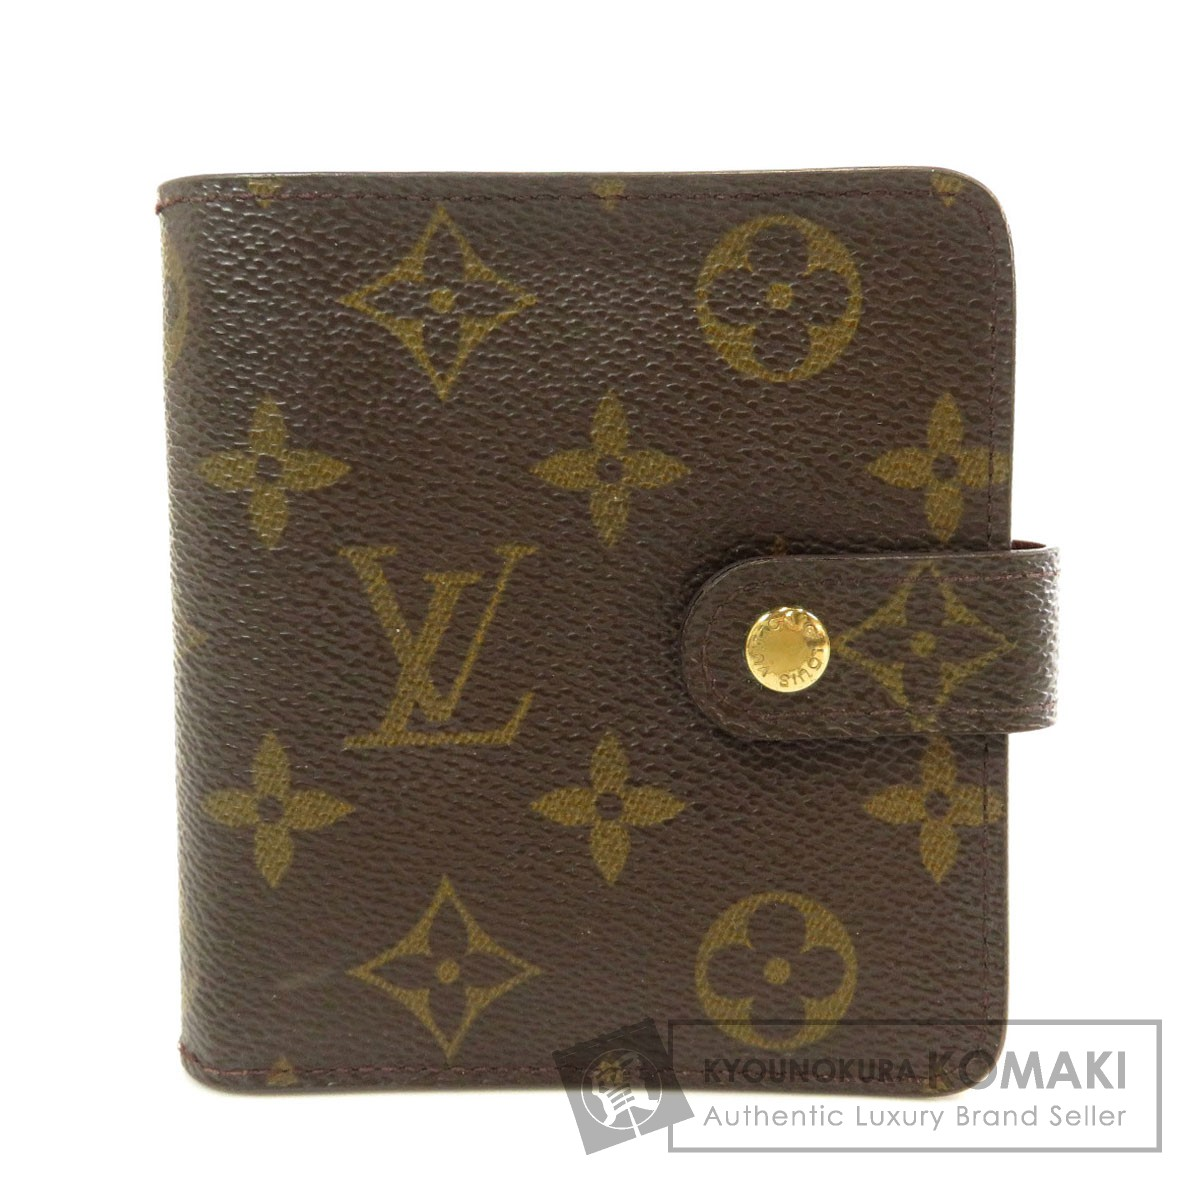 ルイヴィトン M61667 コンパクトジップ 二つ折り財布(小銭入れあり) モノグラムキャンバス レディース 【中古】【LOUIS VUITTON】